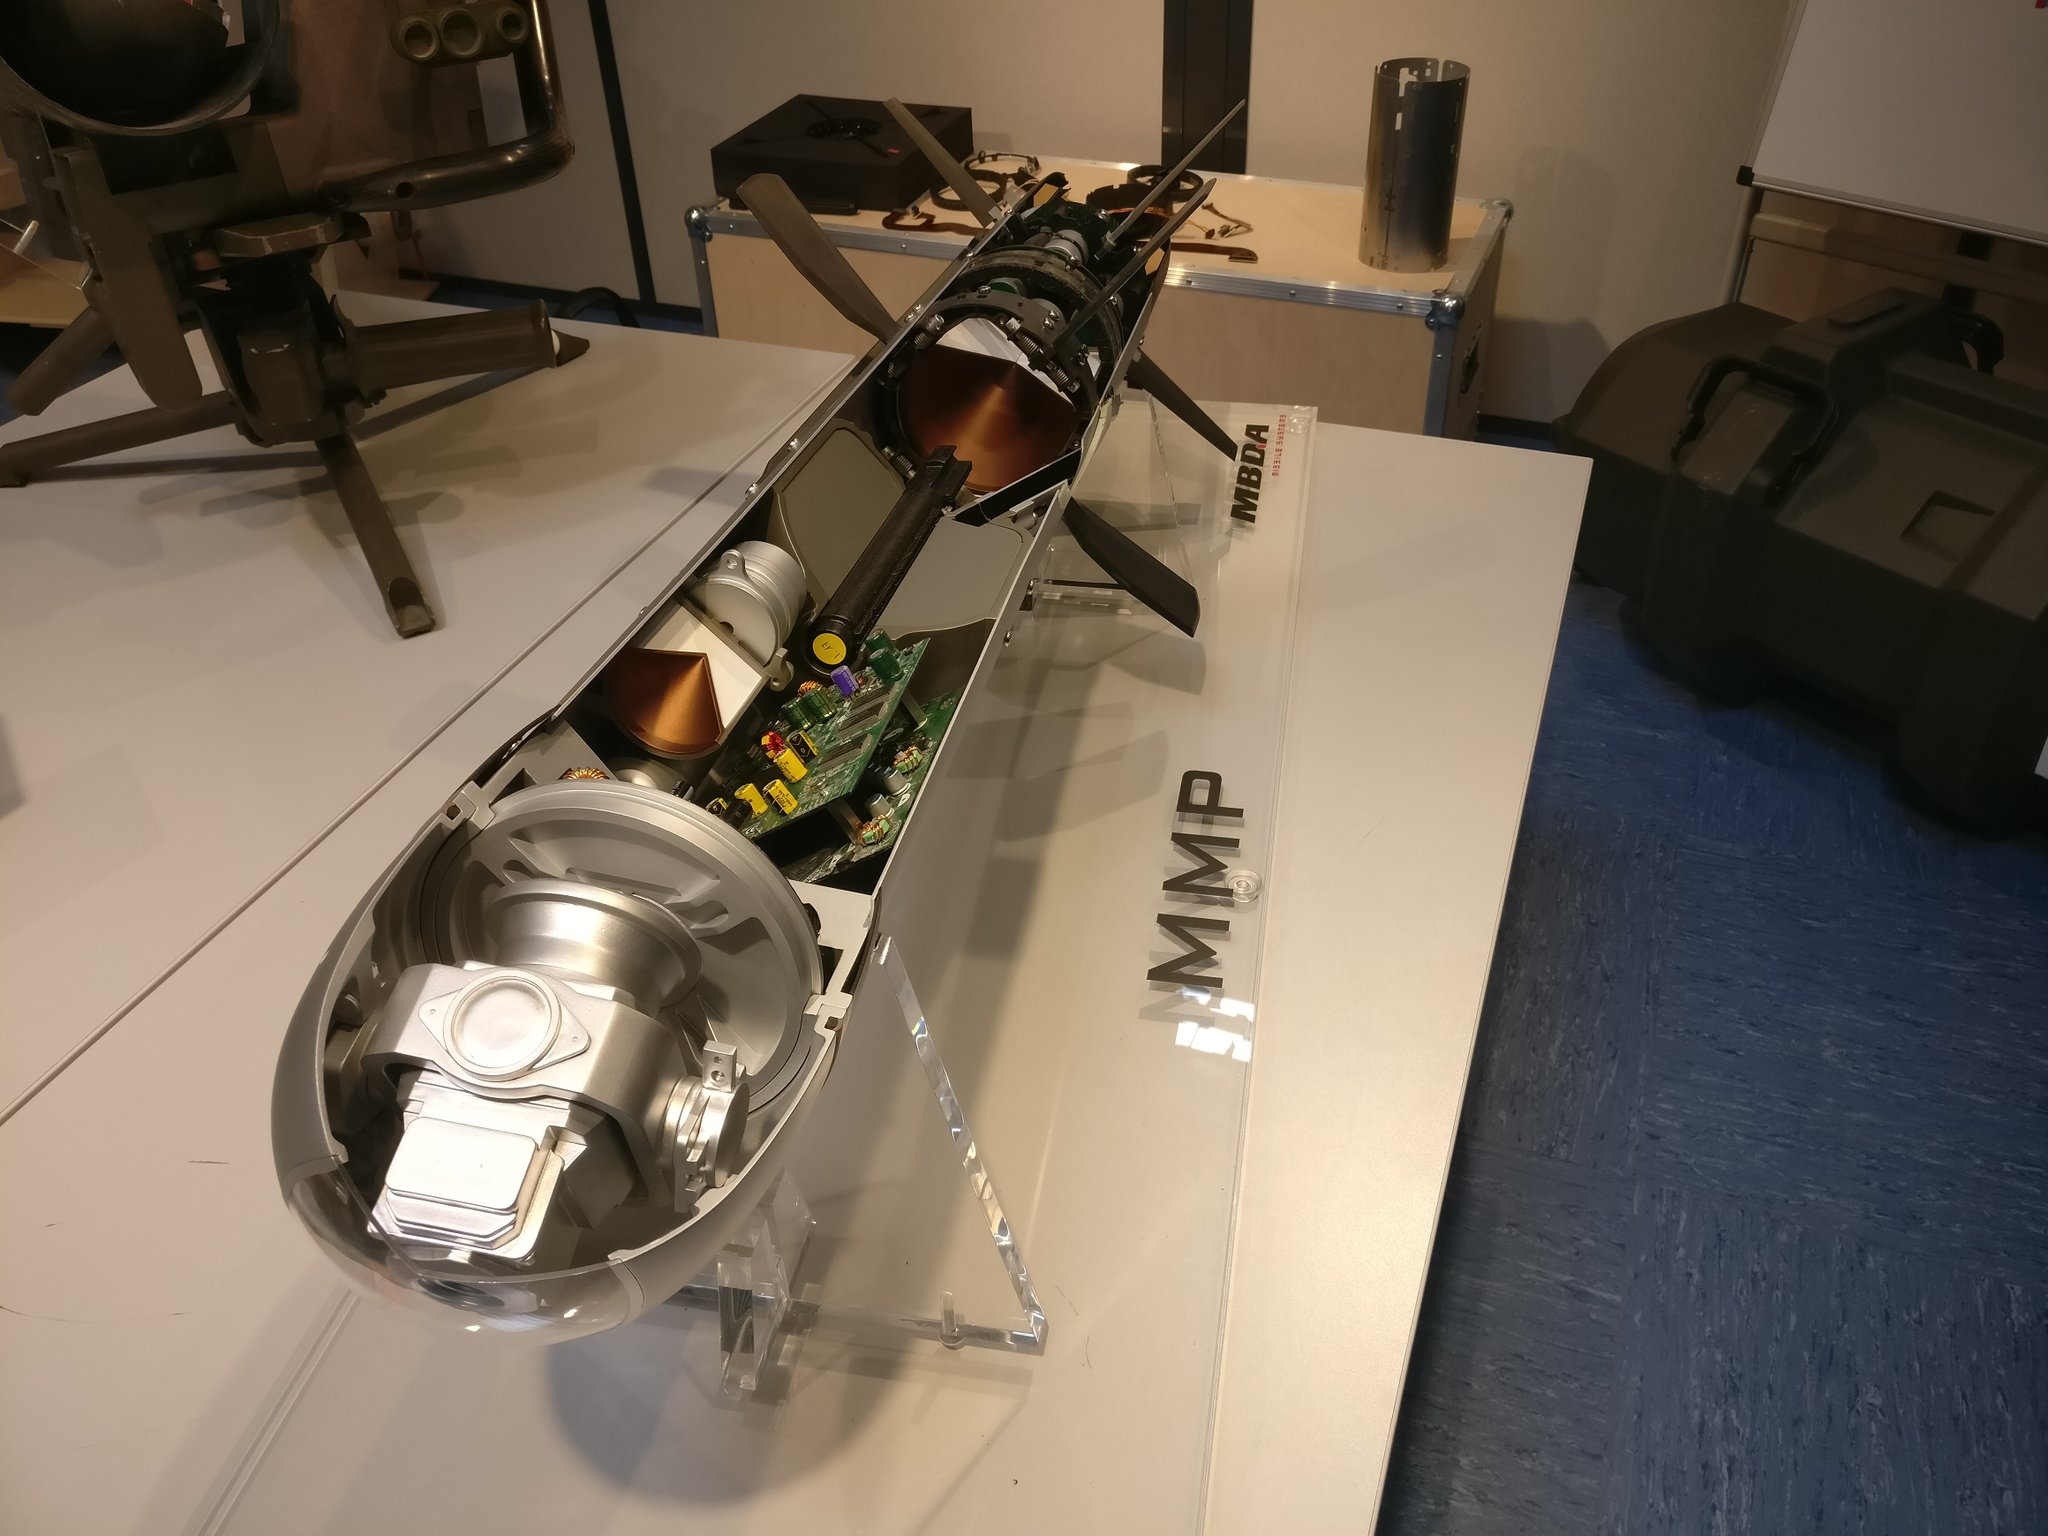 DdaQc6-WAAAb7nC.jpg:large